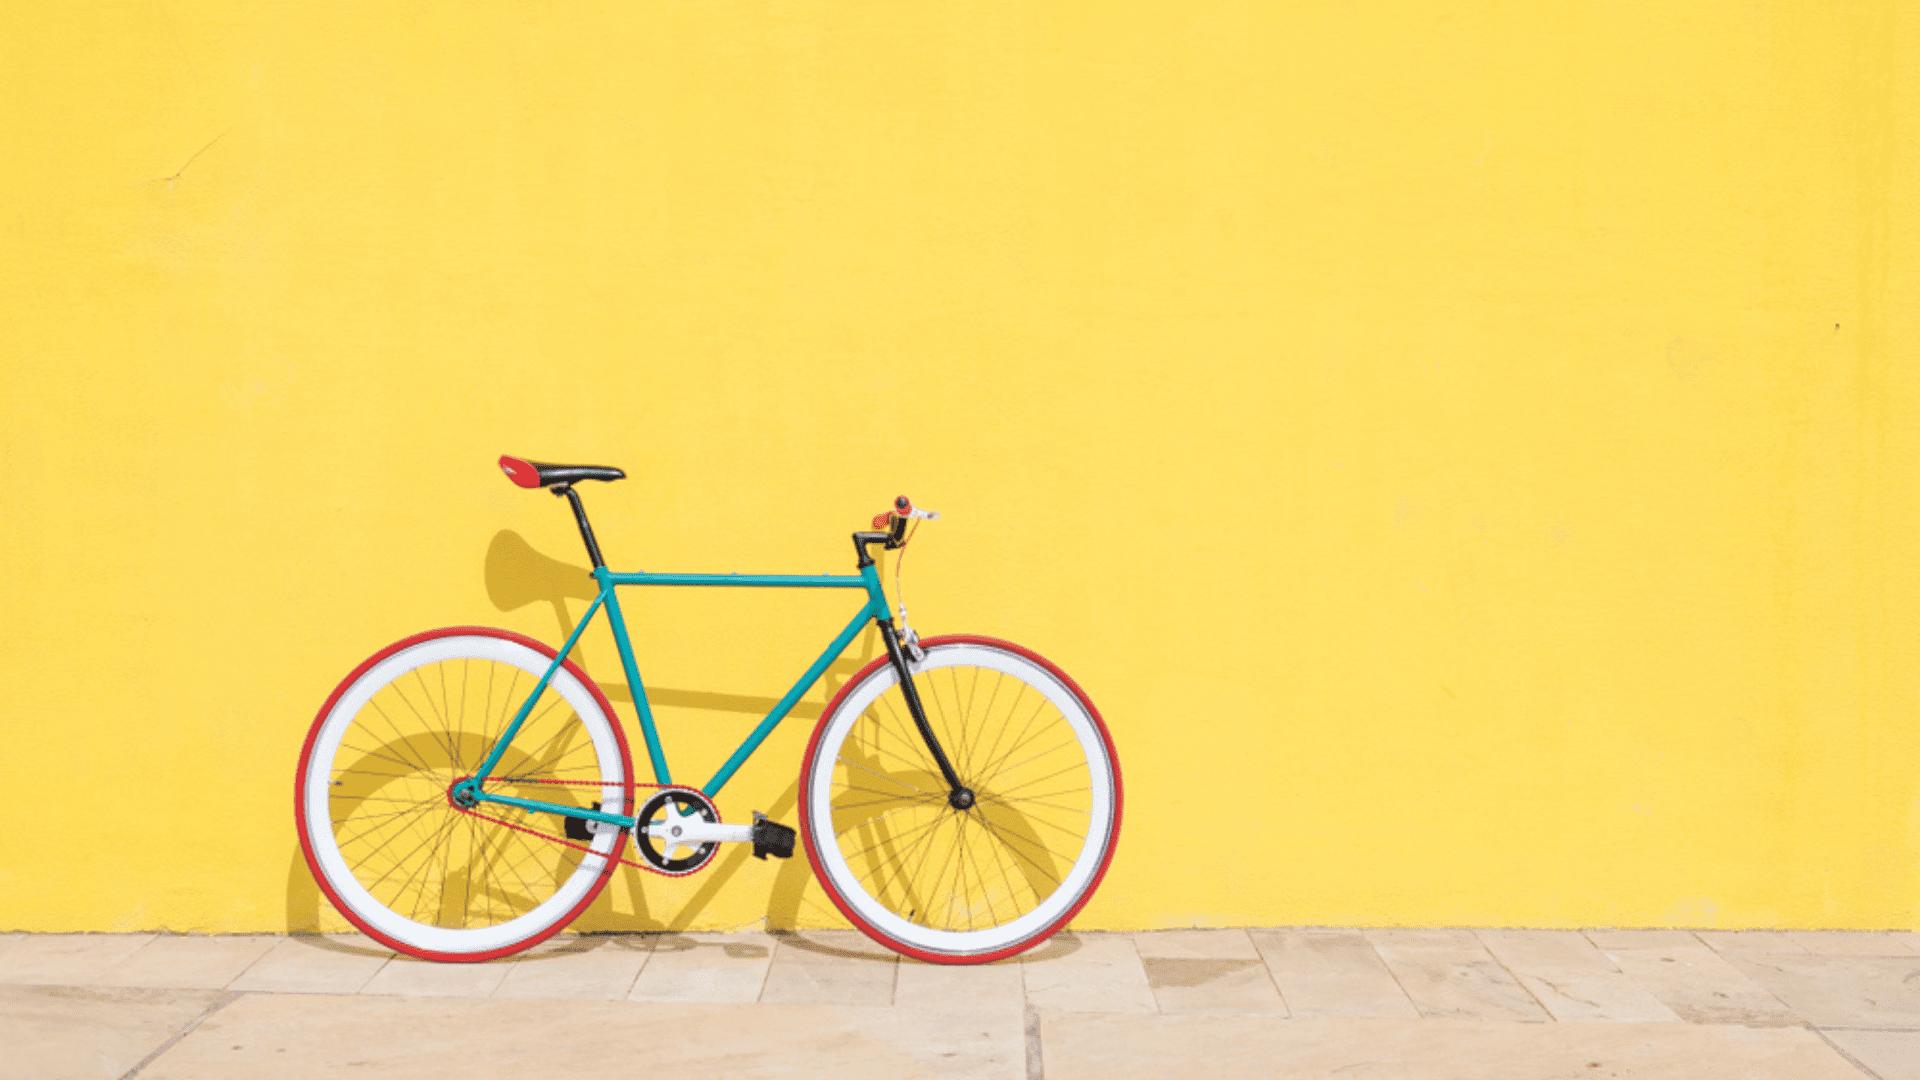 Confira o nosso guia com tudo o que você precisa saber antes de comprar uma bicicleta (Imagem: Reprodução/Shutterstock)